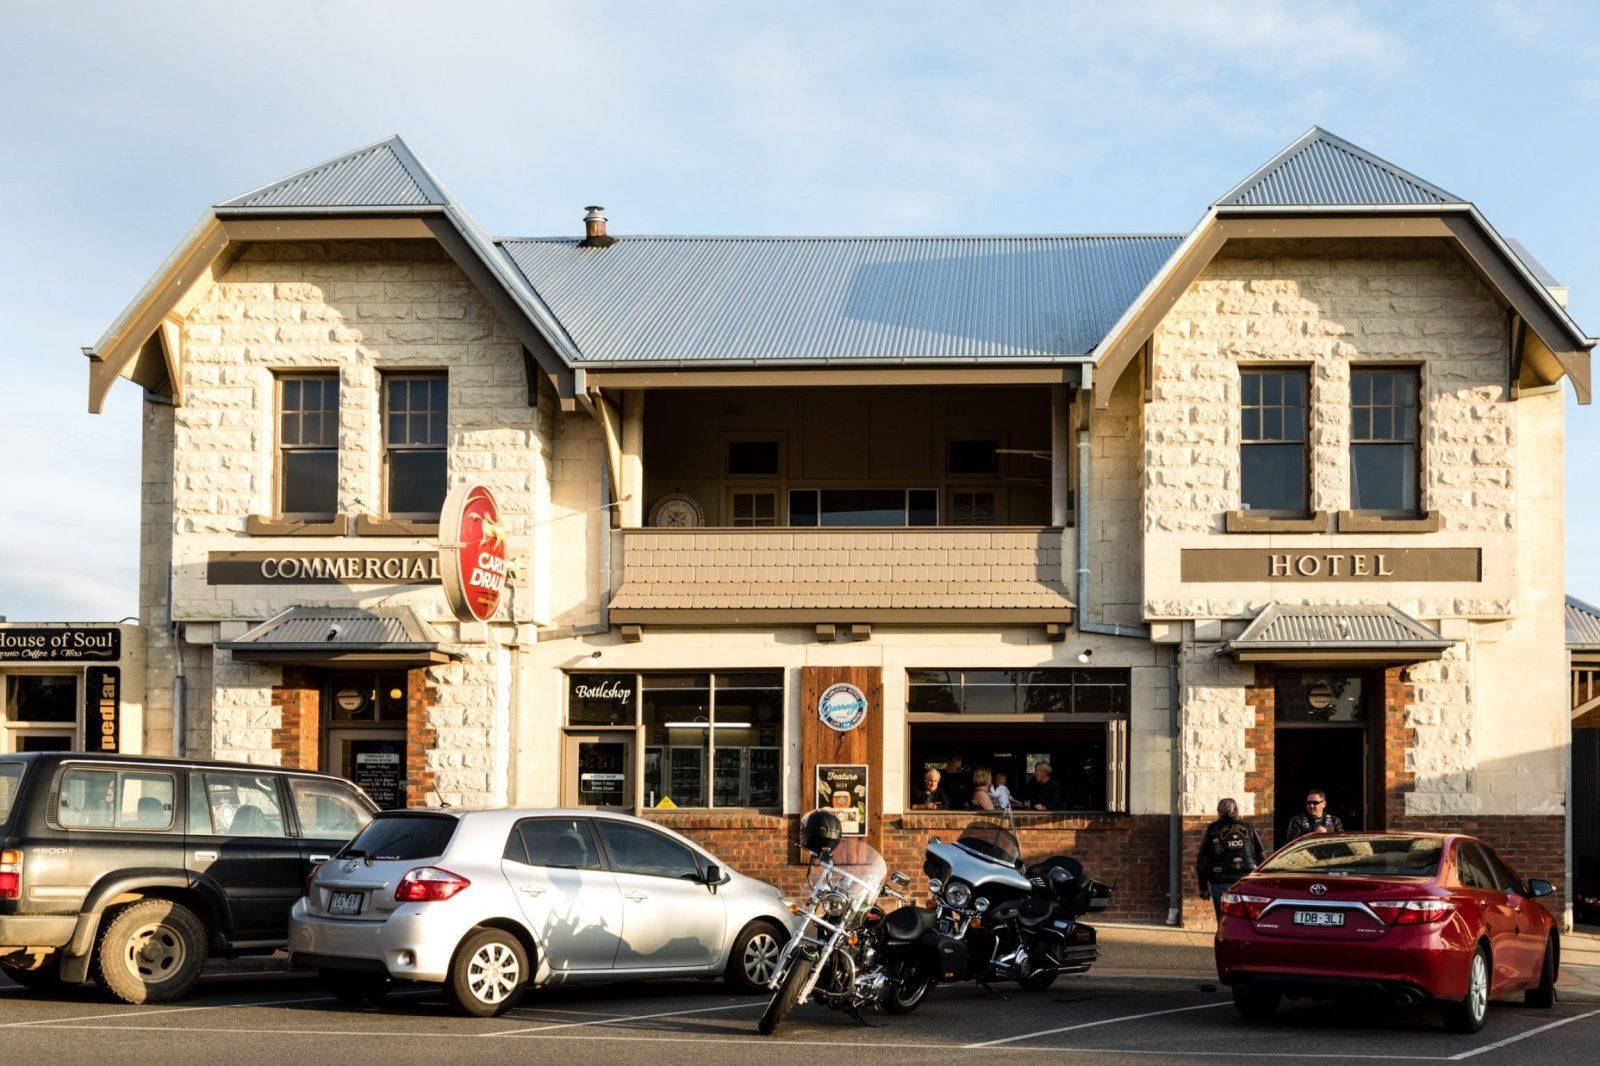 Yarragon Hotel front facade